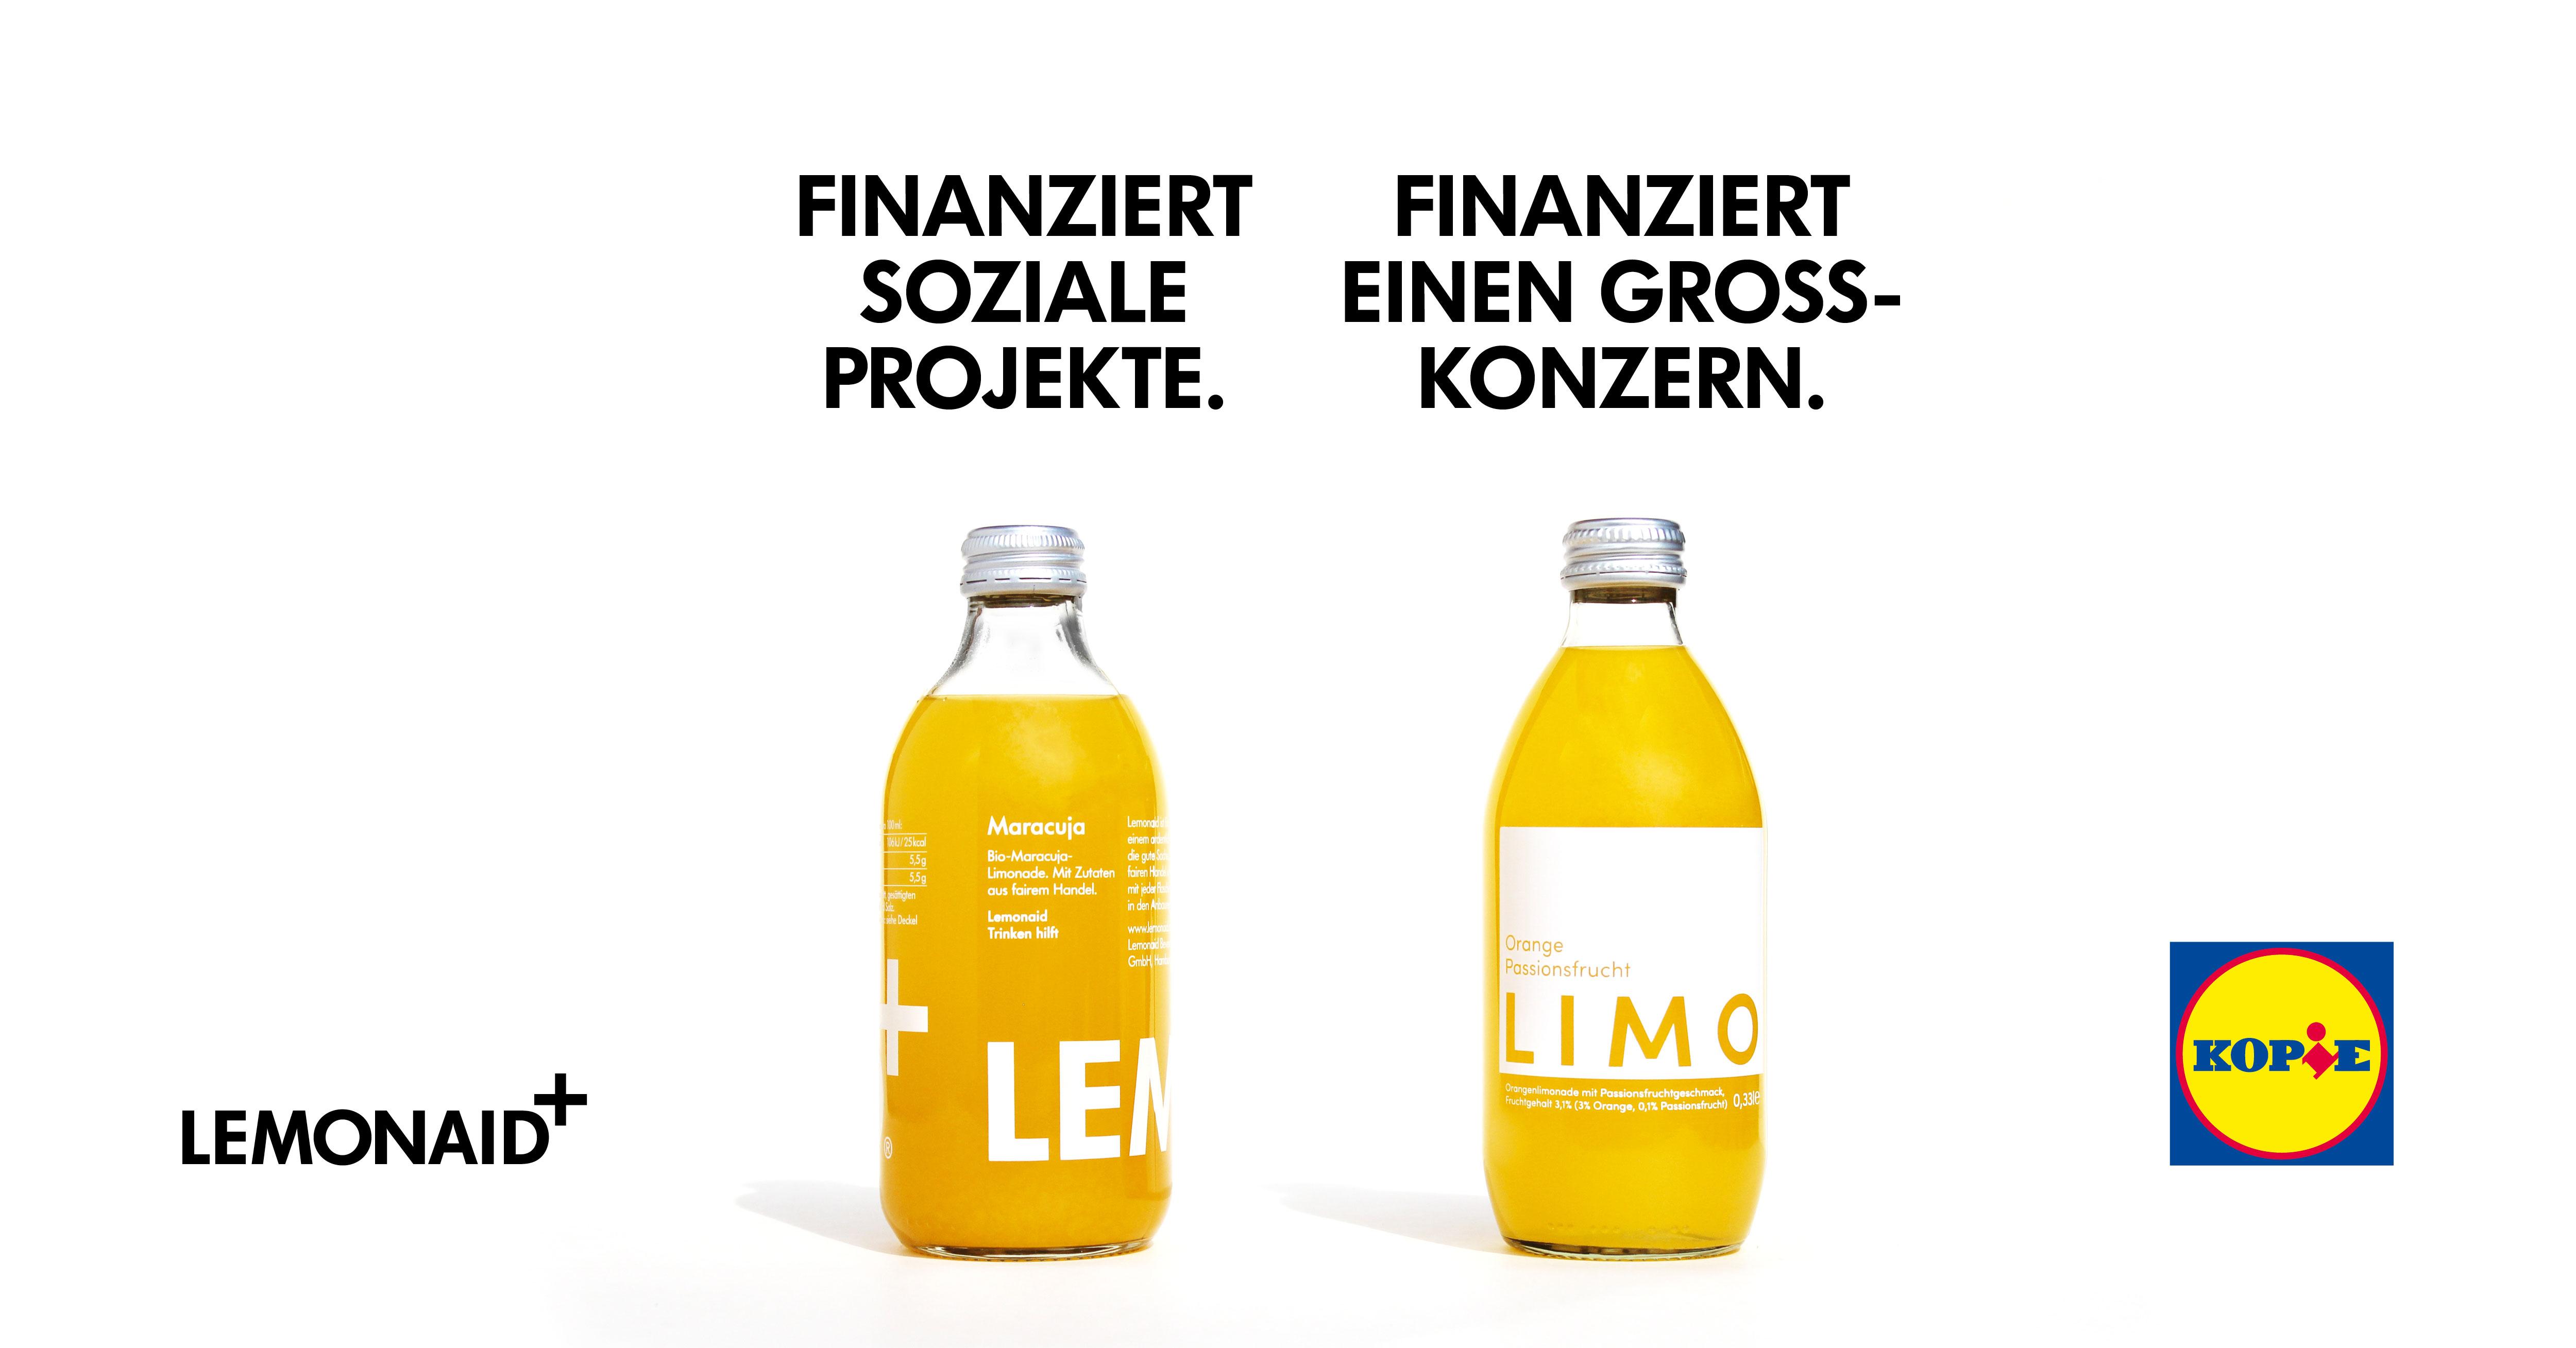 lemonaid vs lidl #lidlklontdich   was soll das?